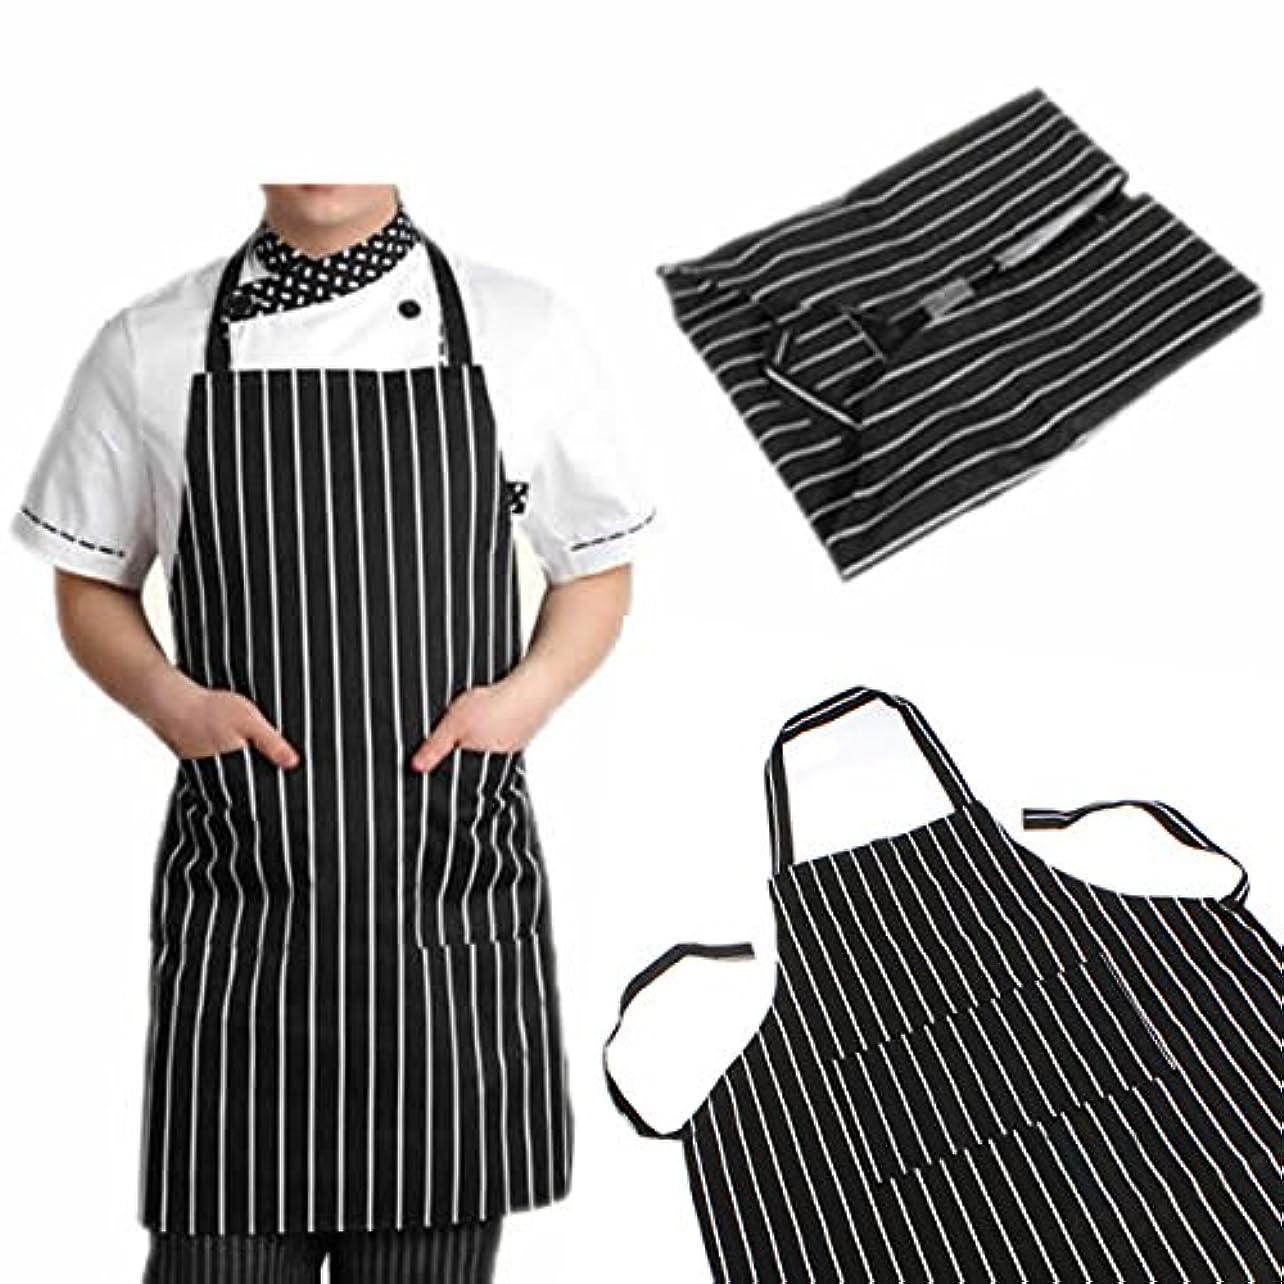 意志墓三角attachmenttou ブラックストライプビブエプロン 2つのポケット付き キッチン料理 耐久性のある 有用 調節可能な 大人